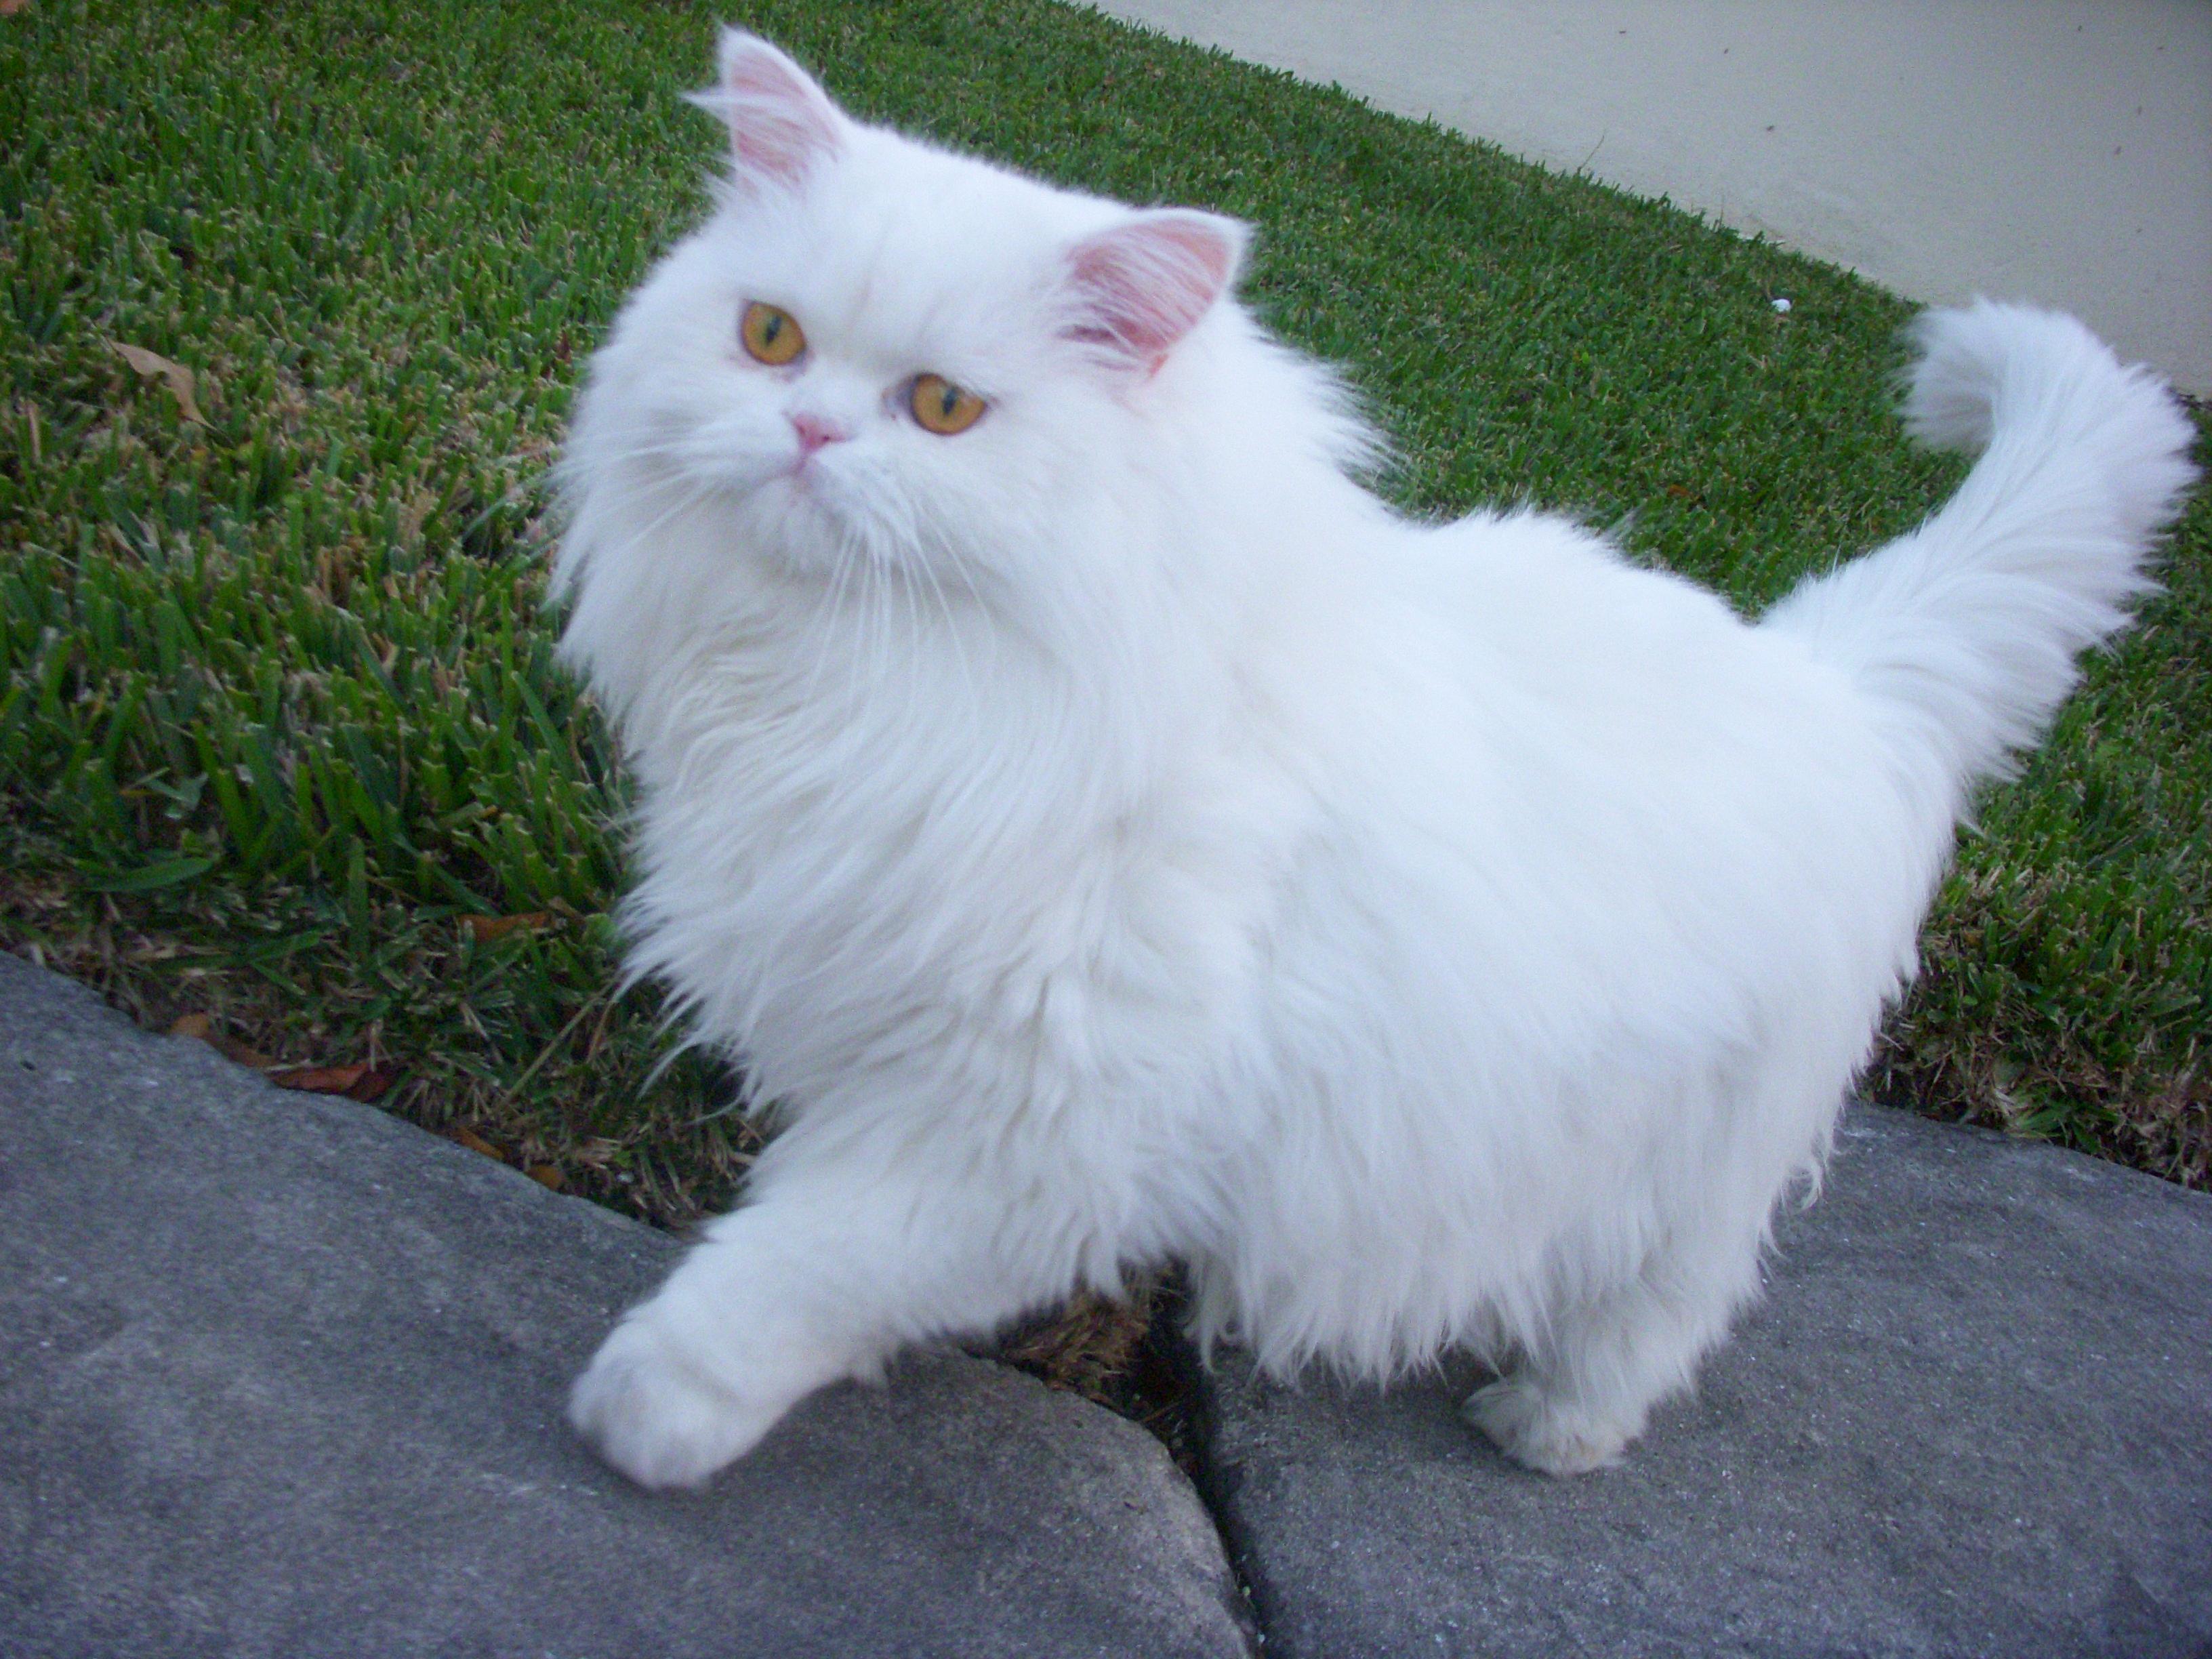 صوره قطط شيرازى , جمال القطط الشيرازى فى البيت